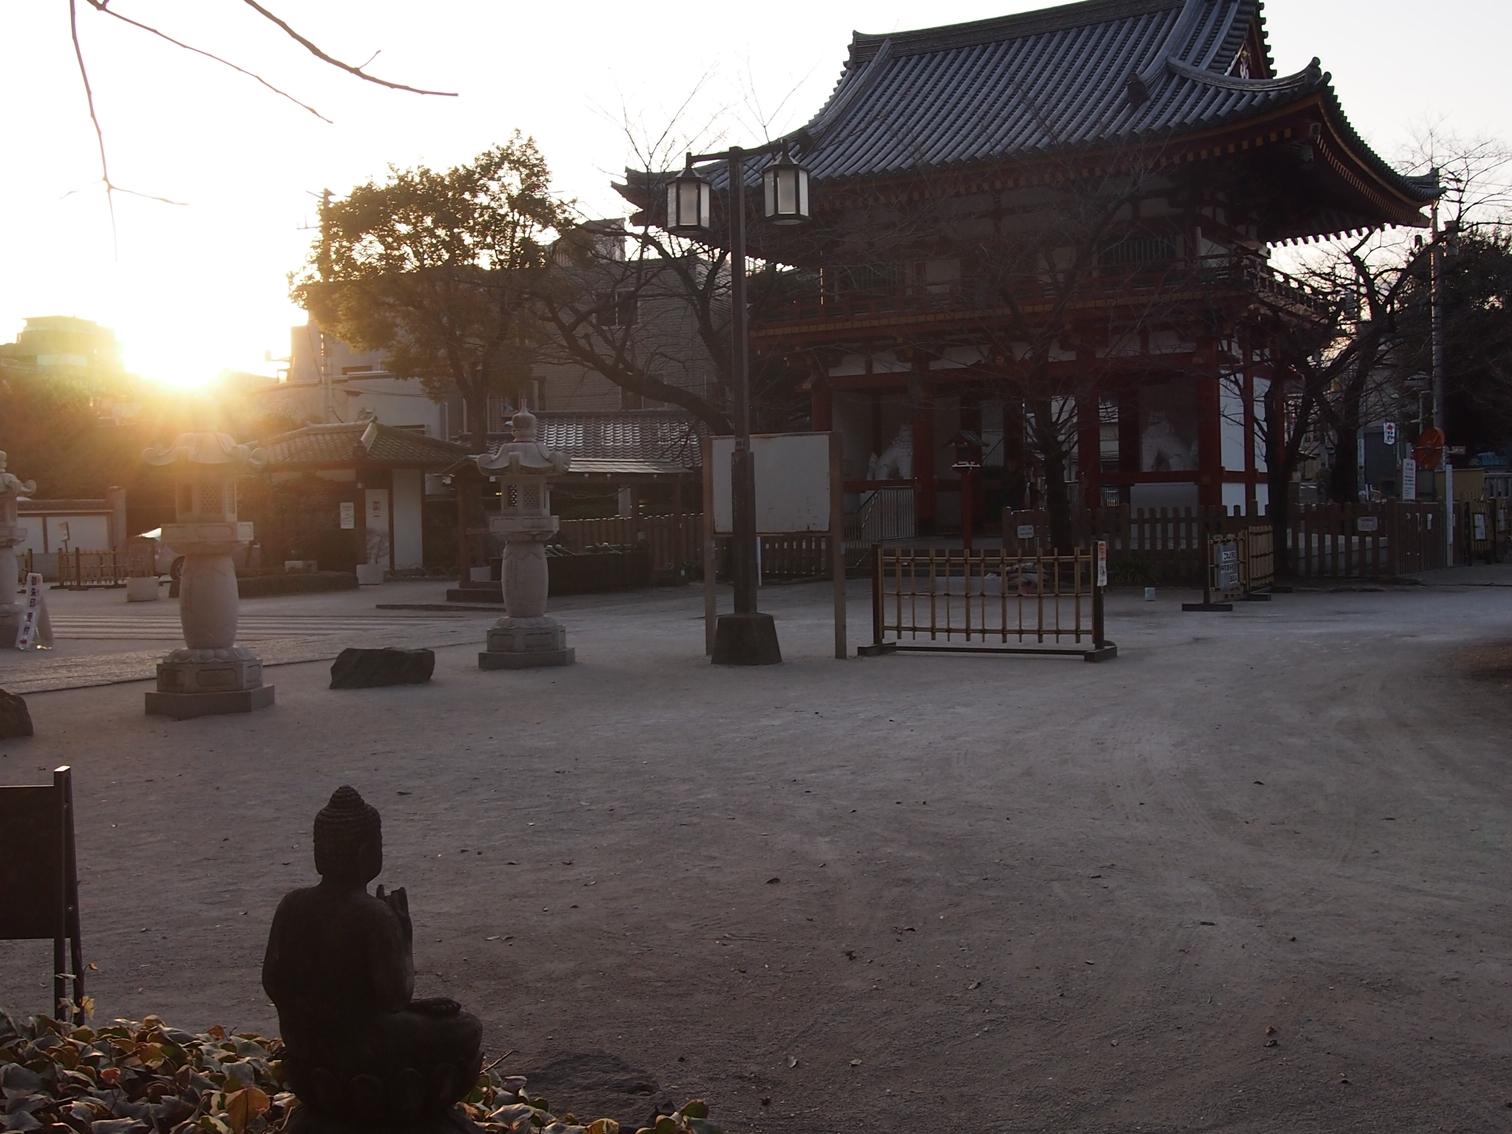 目黒不動尊(龍泉寺)の冬の日の出